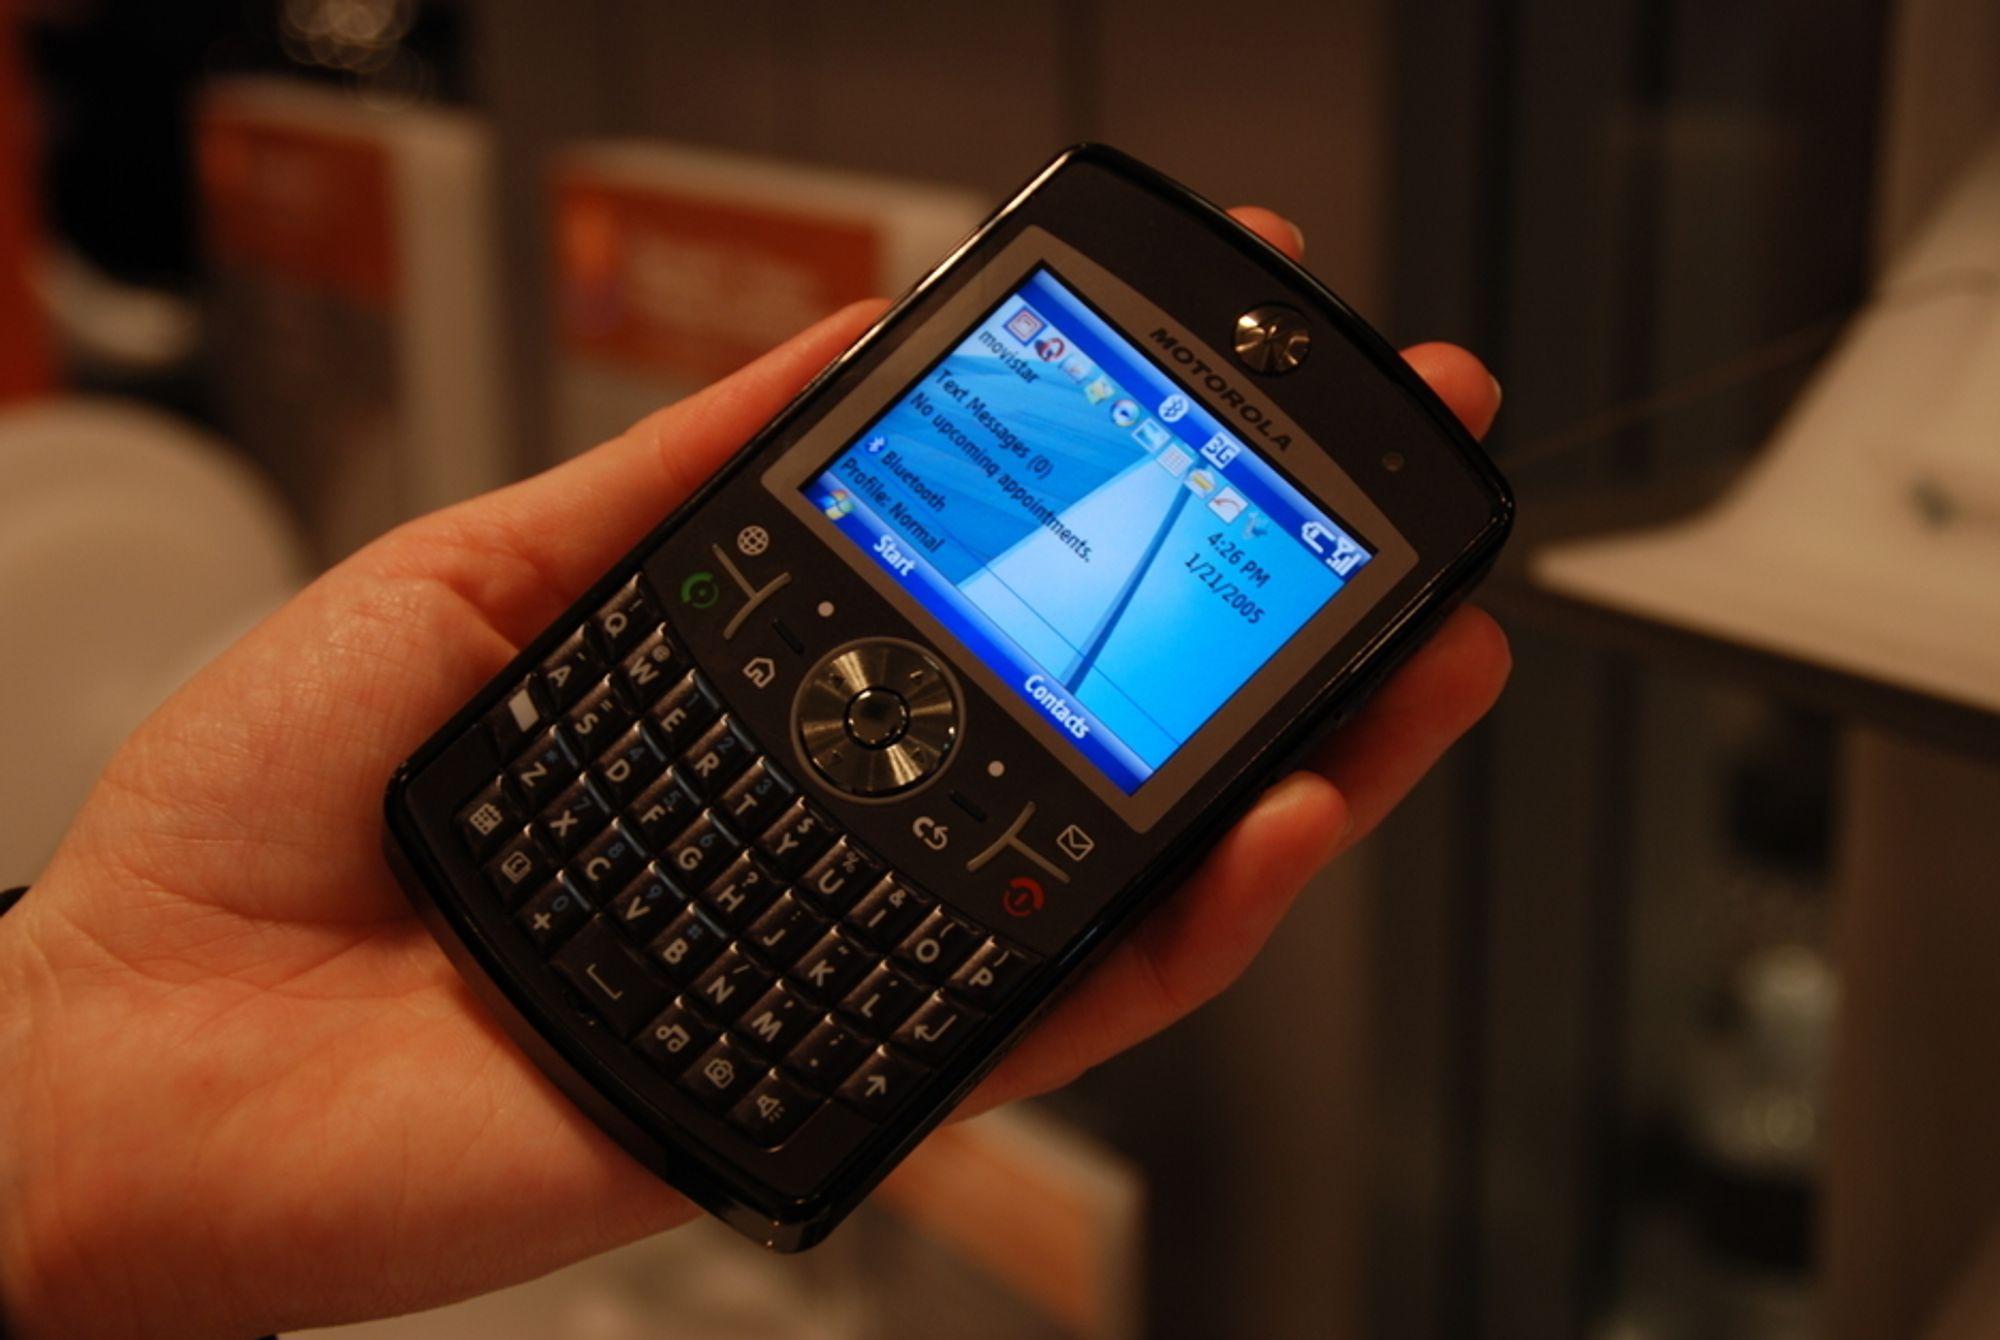 LITT NORSK: Tynn, stilfull, interaktiv og funksjonell. Motorolas MotoQ q9 har det meste for den kresne, og kjører Microsofts nye operativsystem Windows Mobile 6.0 - med nettleser fra Opera.